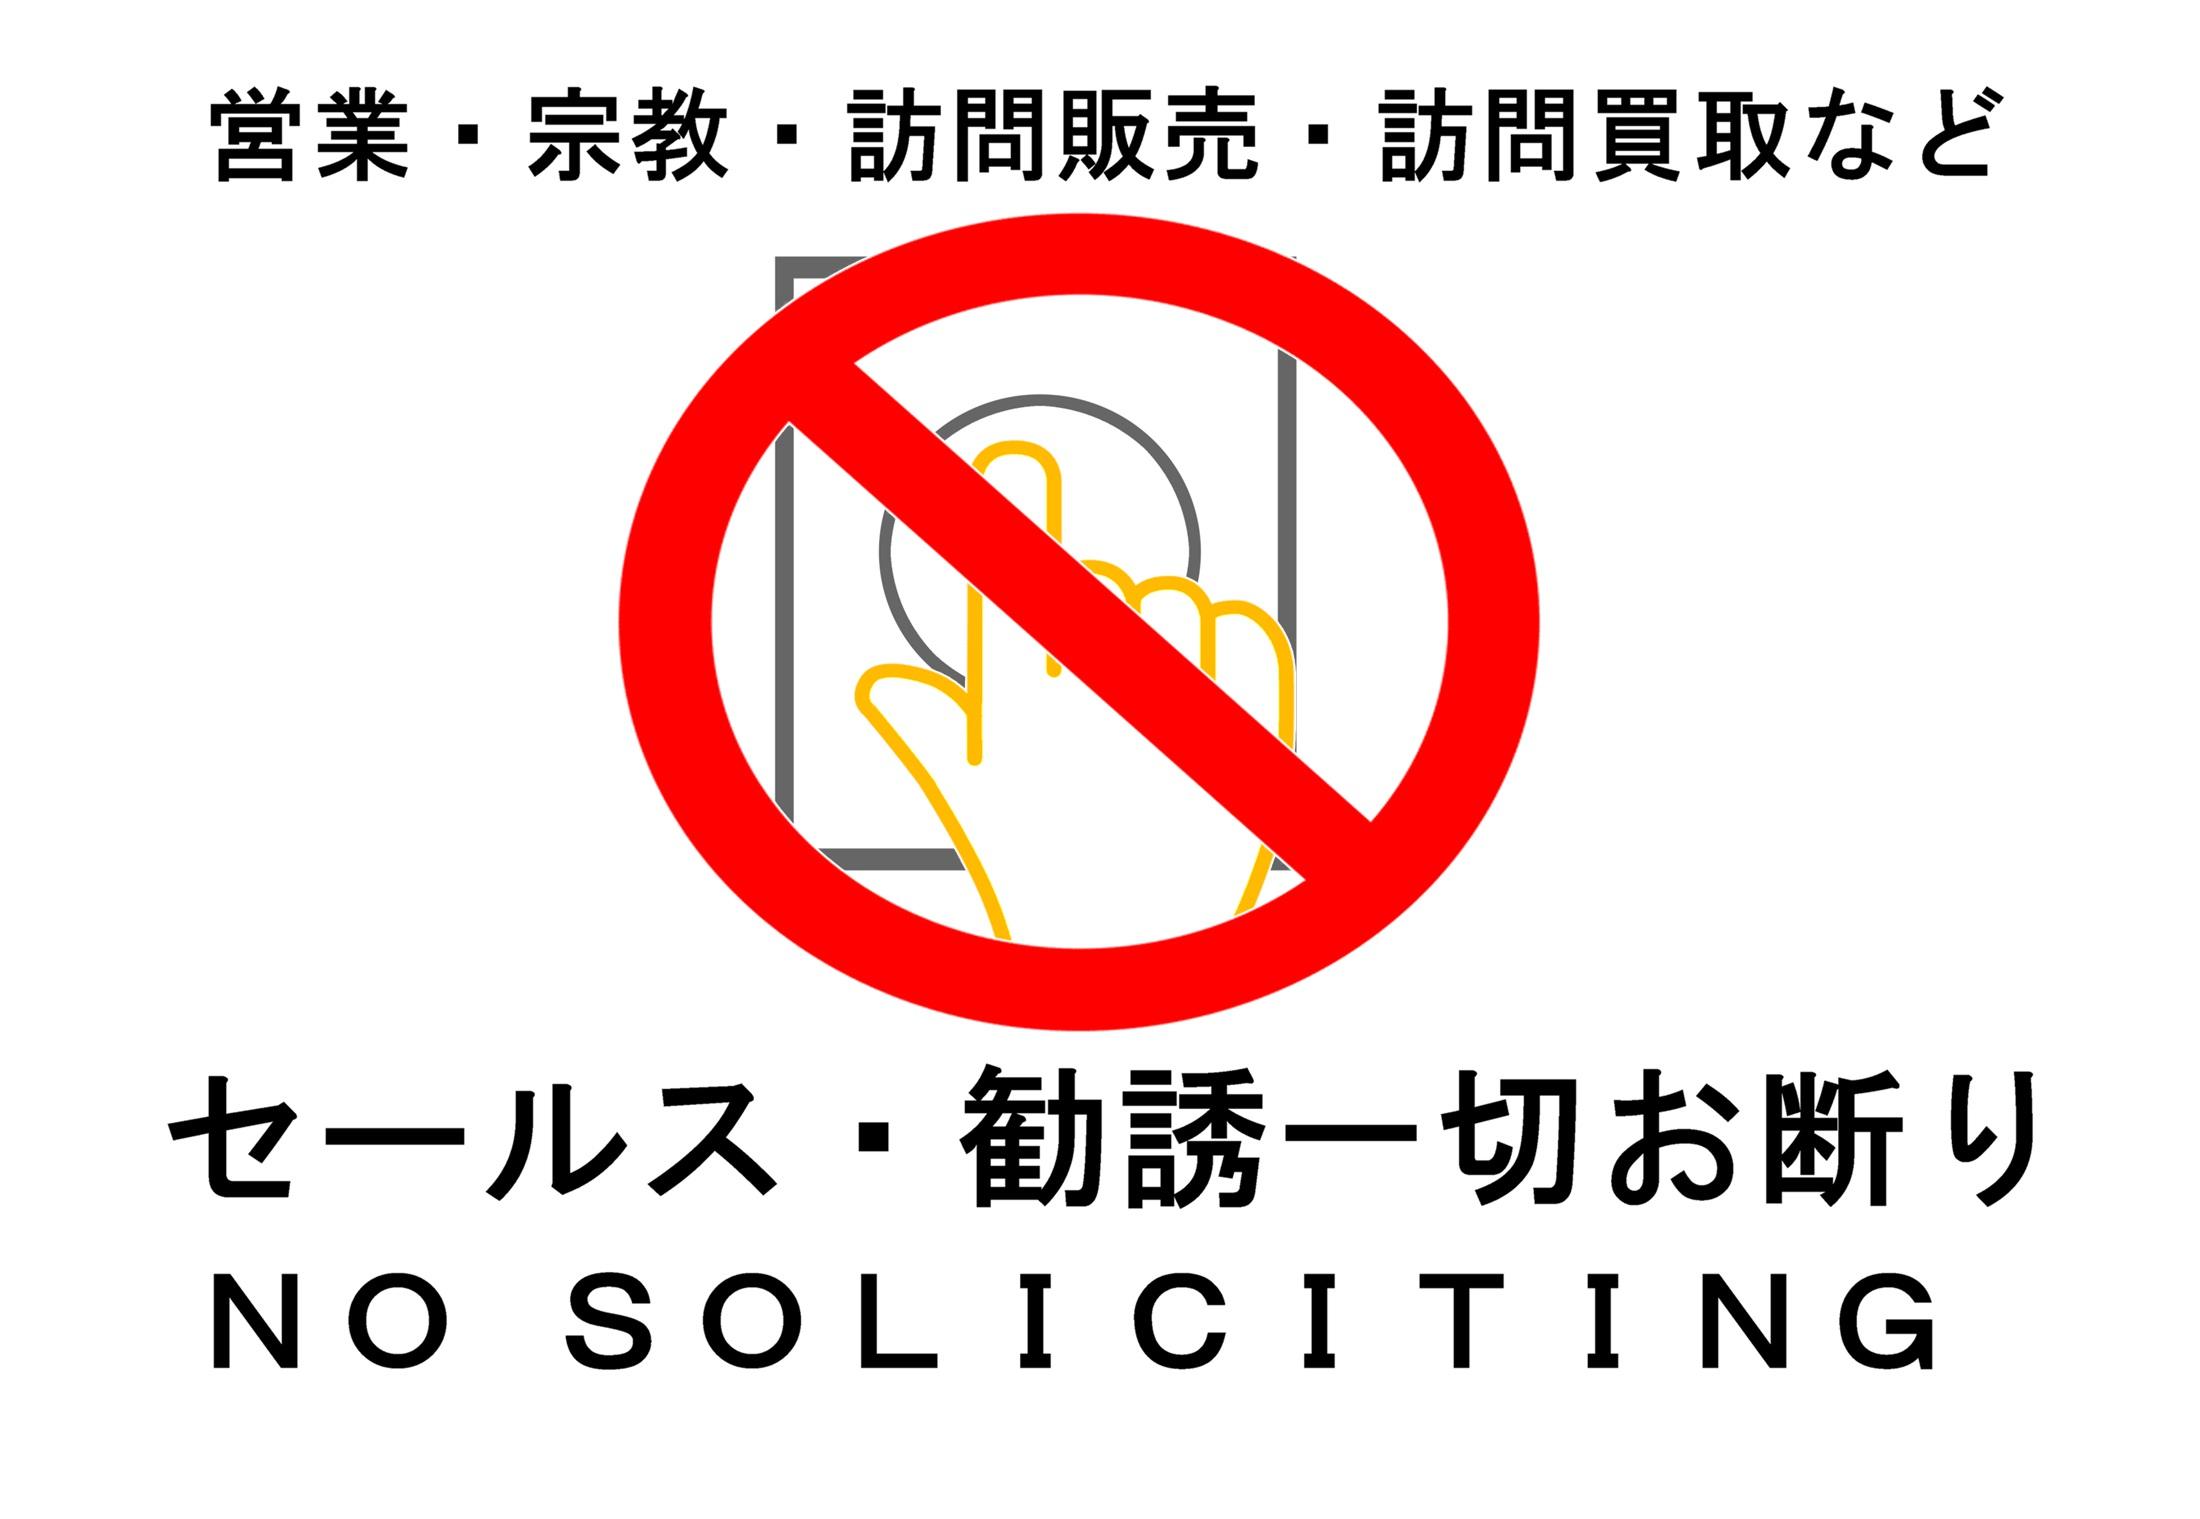 日本語+英語、セールス勧誘お断りステッカー素材(使用は無料・フリー、再配布や無断転載は禁止)